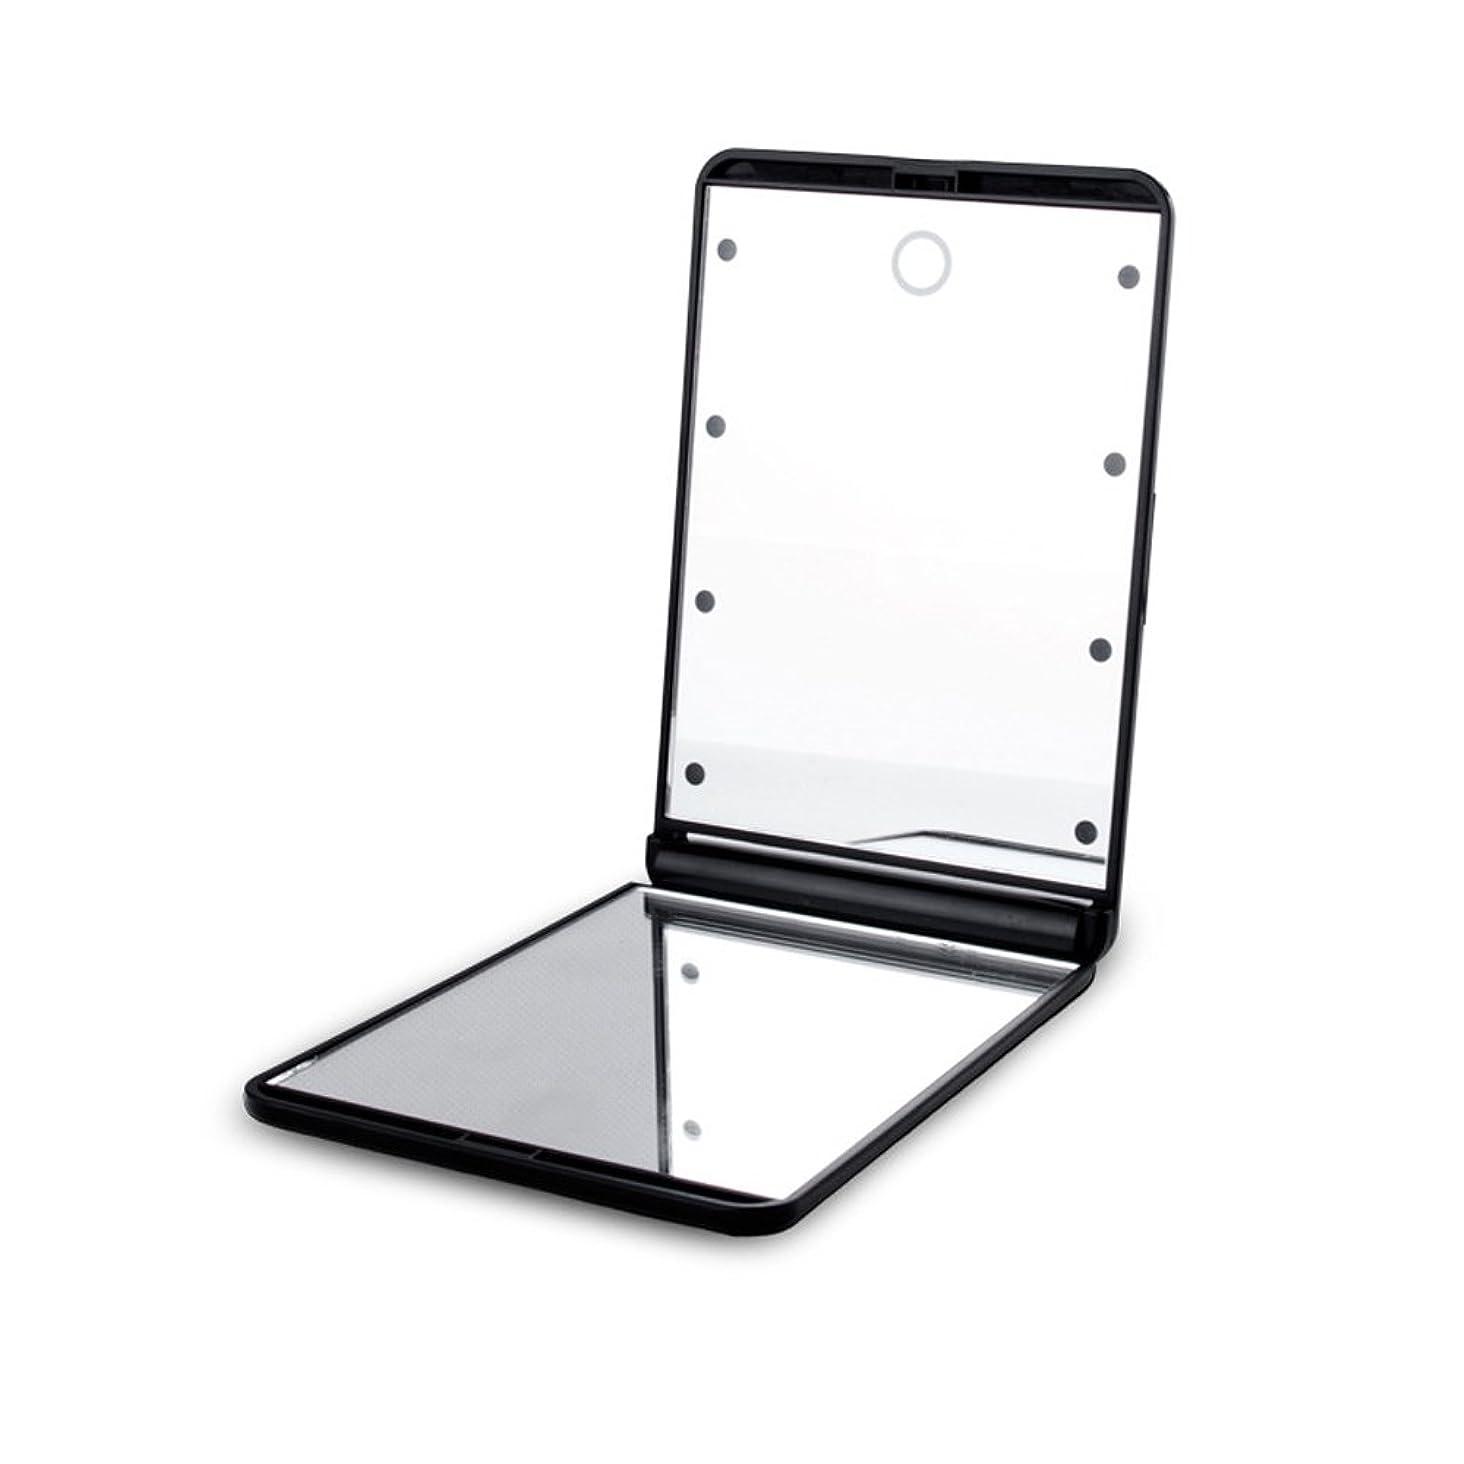 休憩する第五容疑者led化粧鏡 二面鏡 折りたたみ式 LEDライト メイクミラー 明るさ調整 コンパクトミラー 2倍拡大鏡付 ブラック